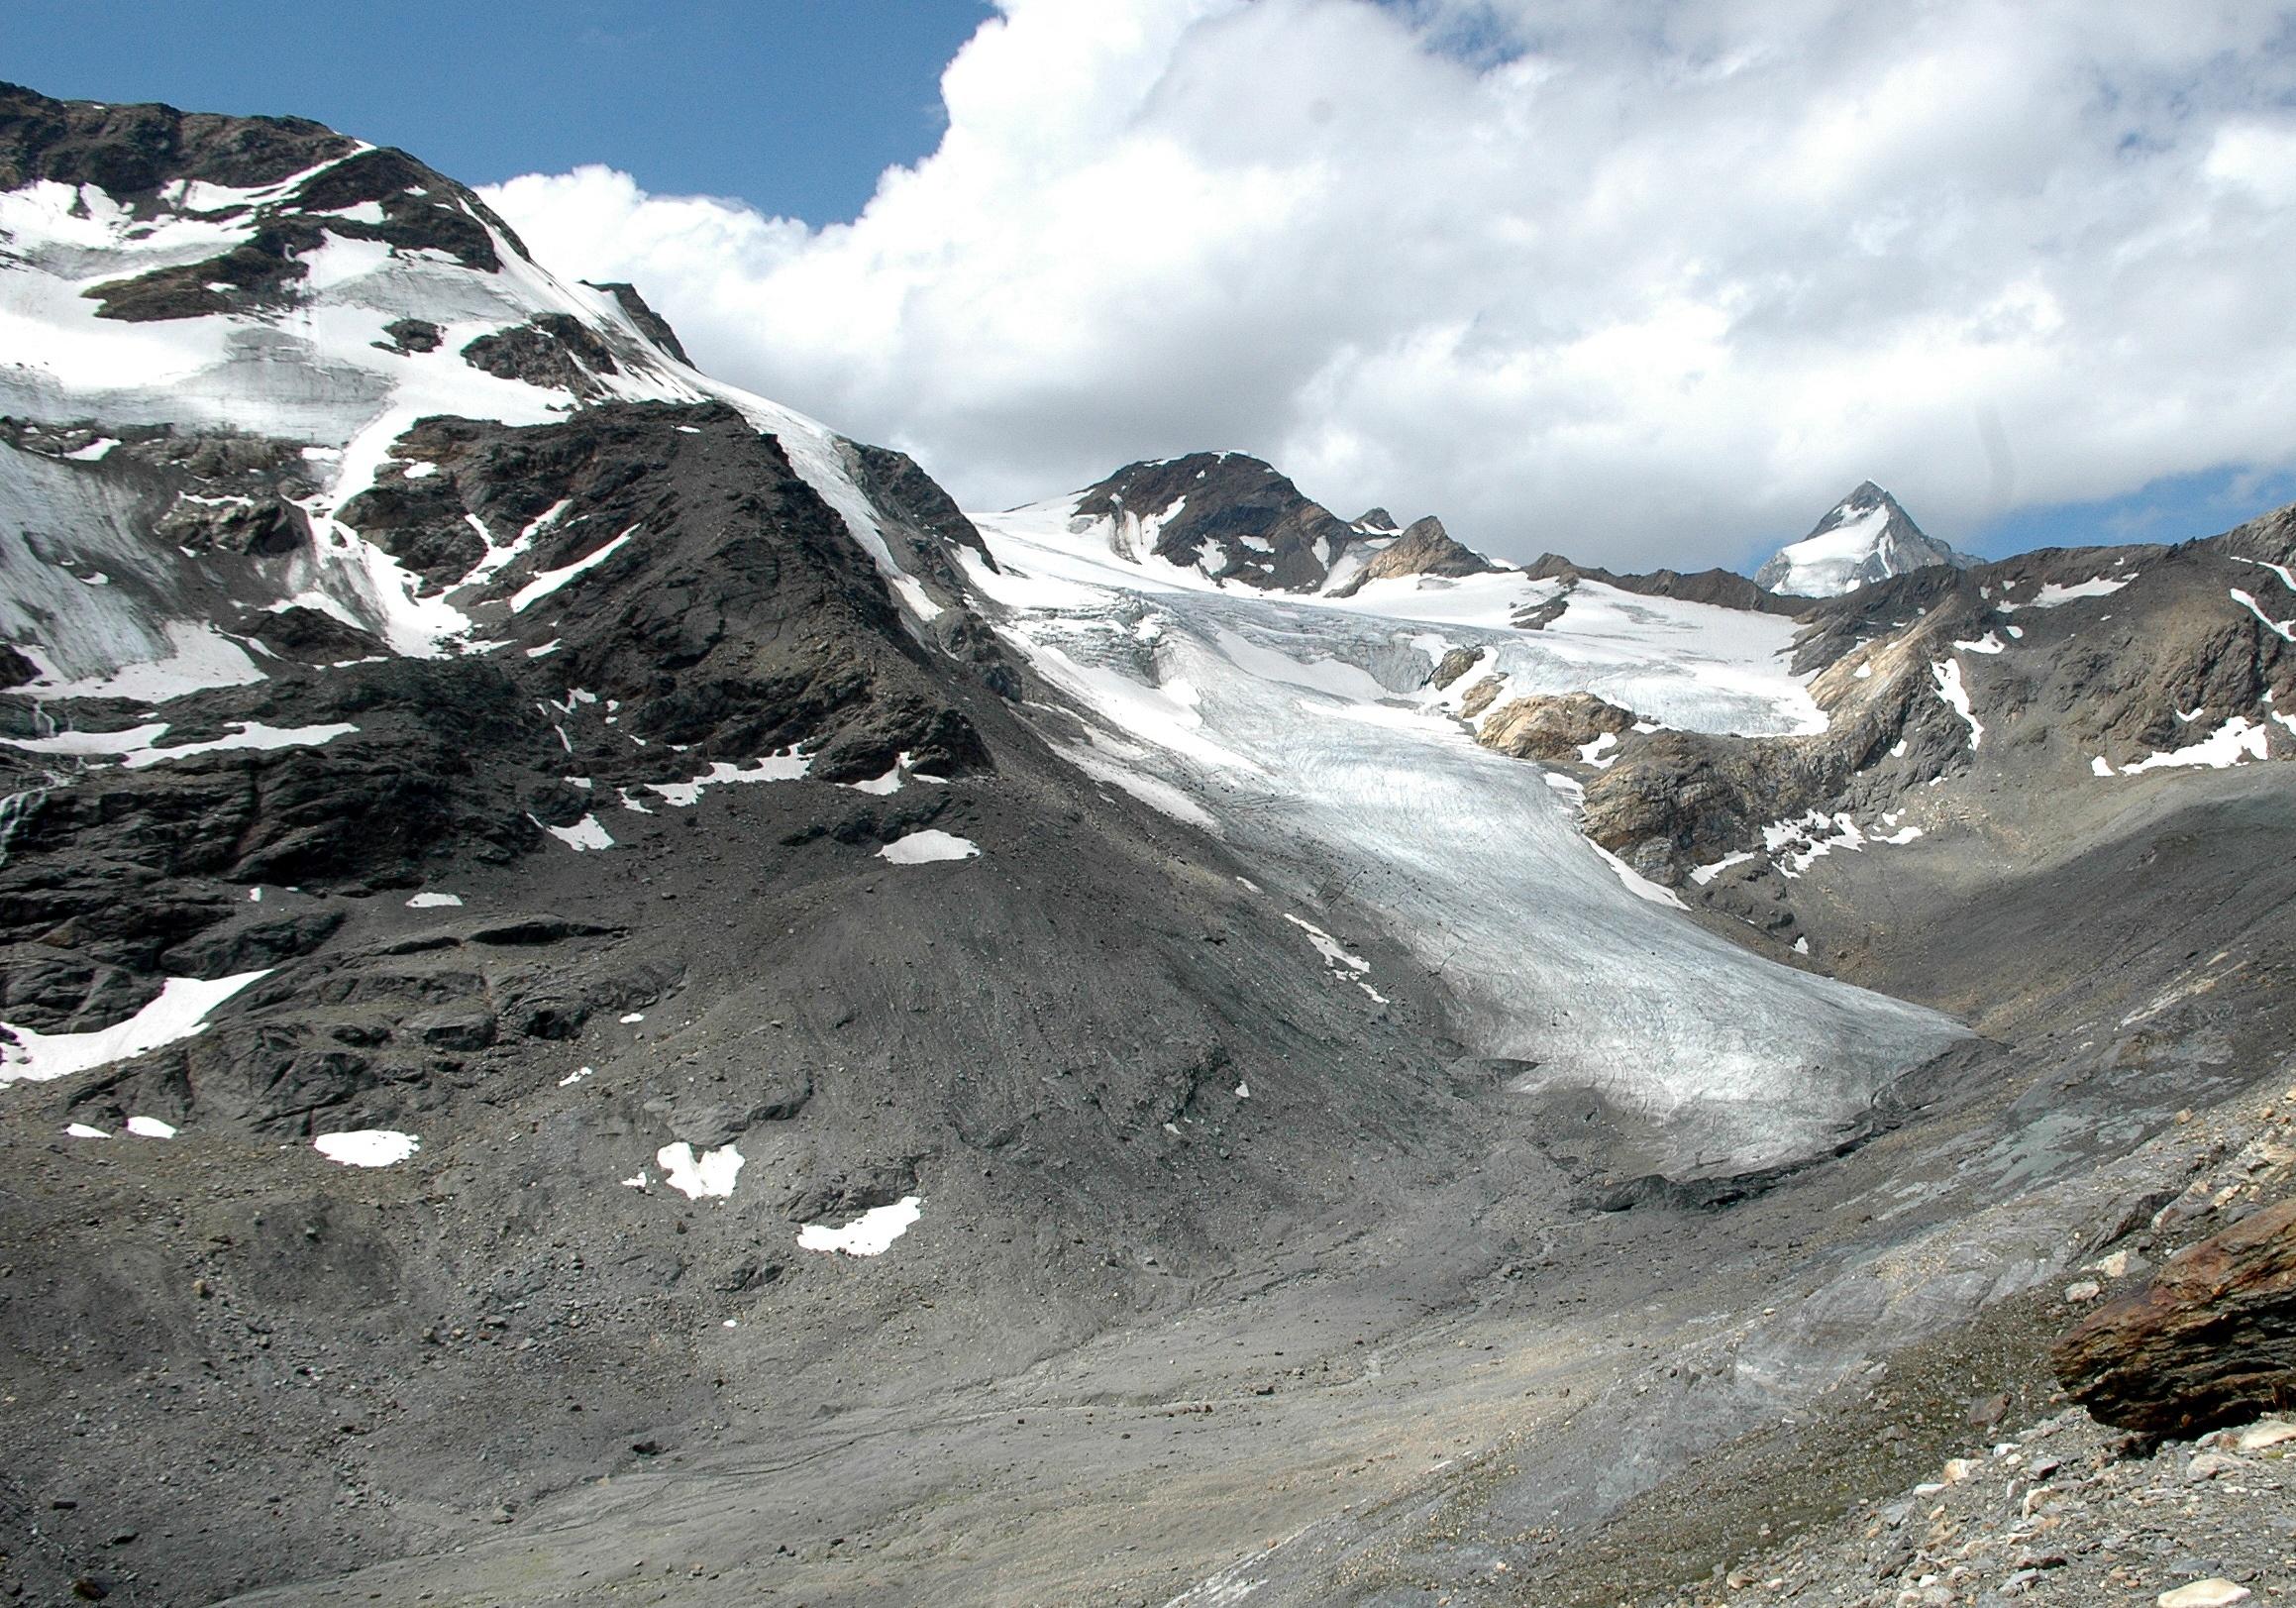 Der Rückgang eines Gletschers ist ein Zeichen für den Klimawandel